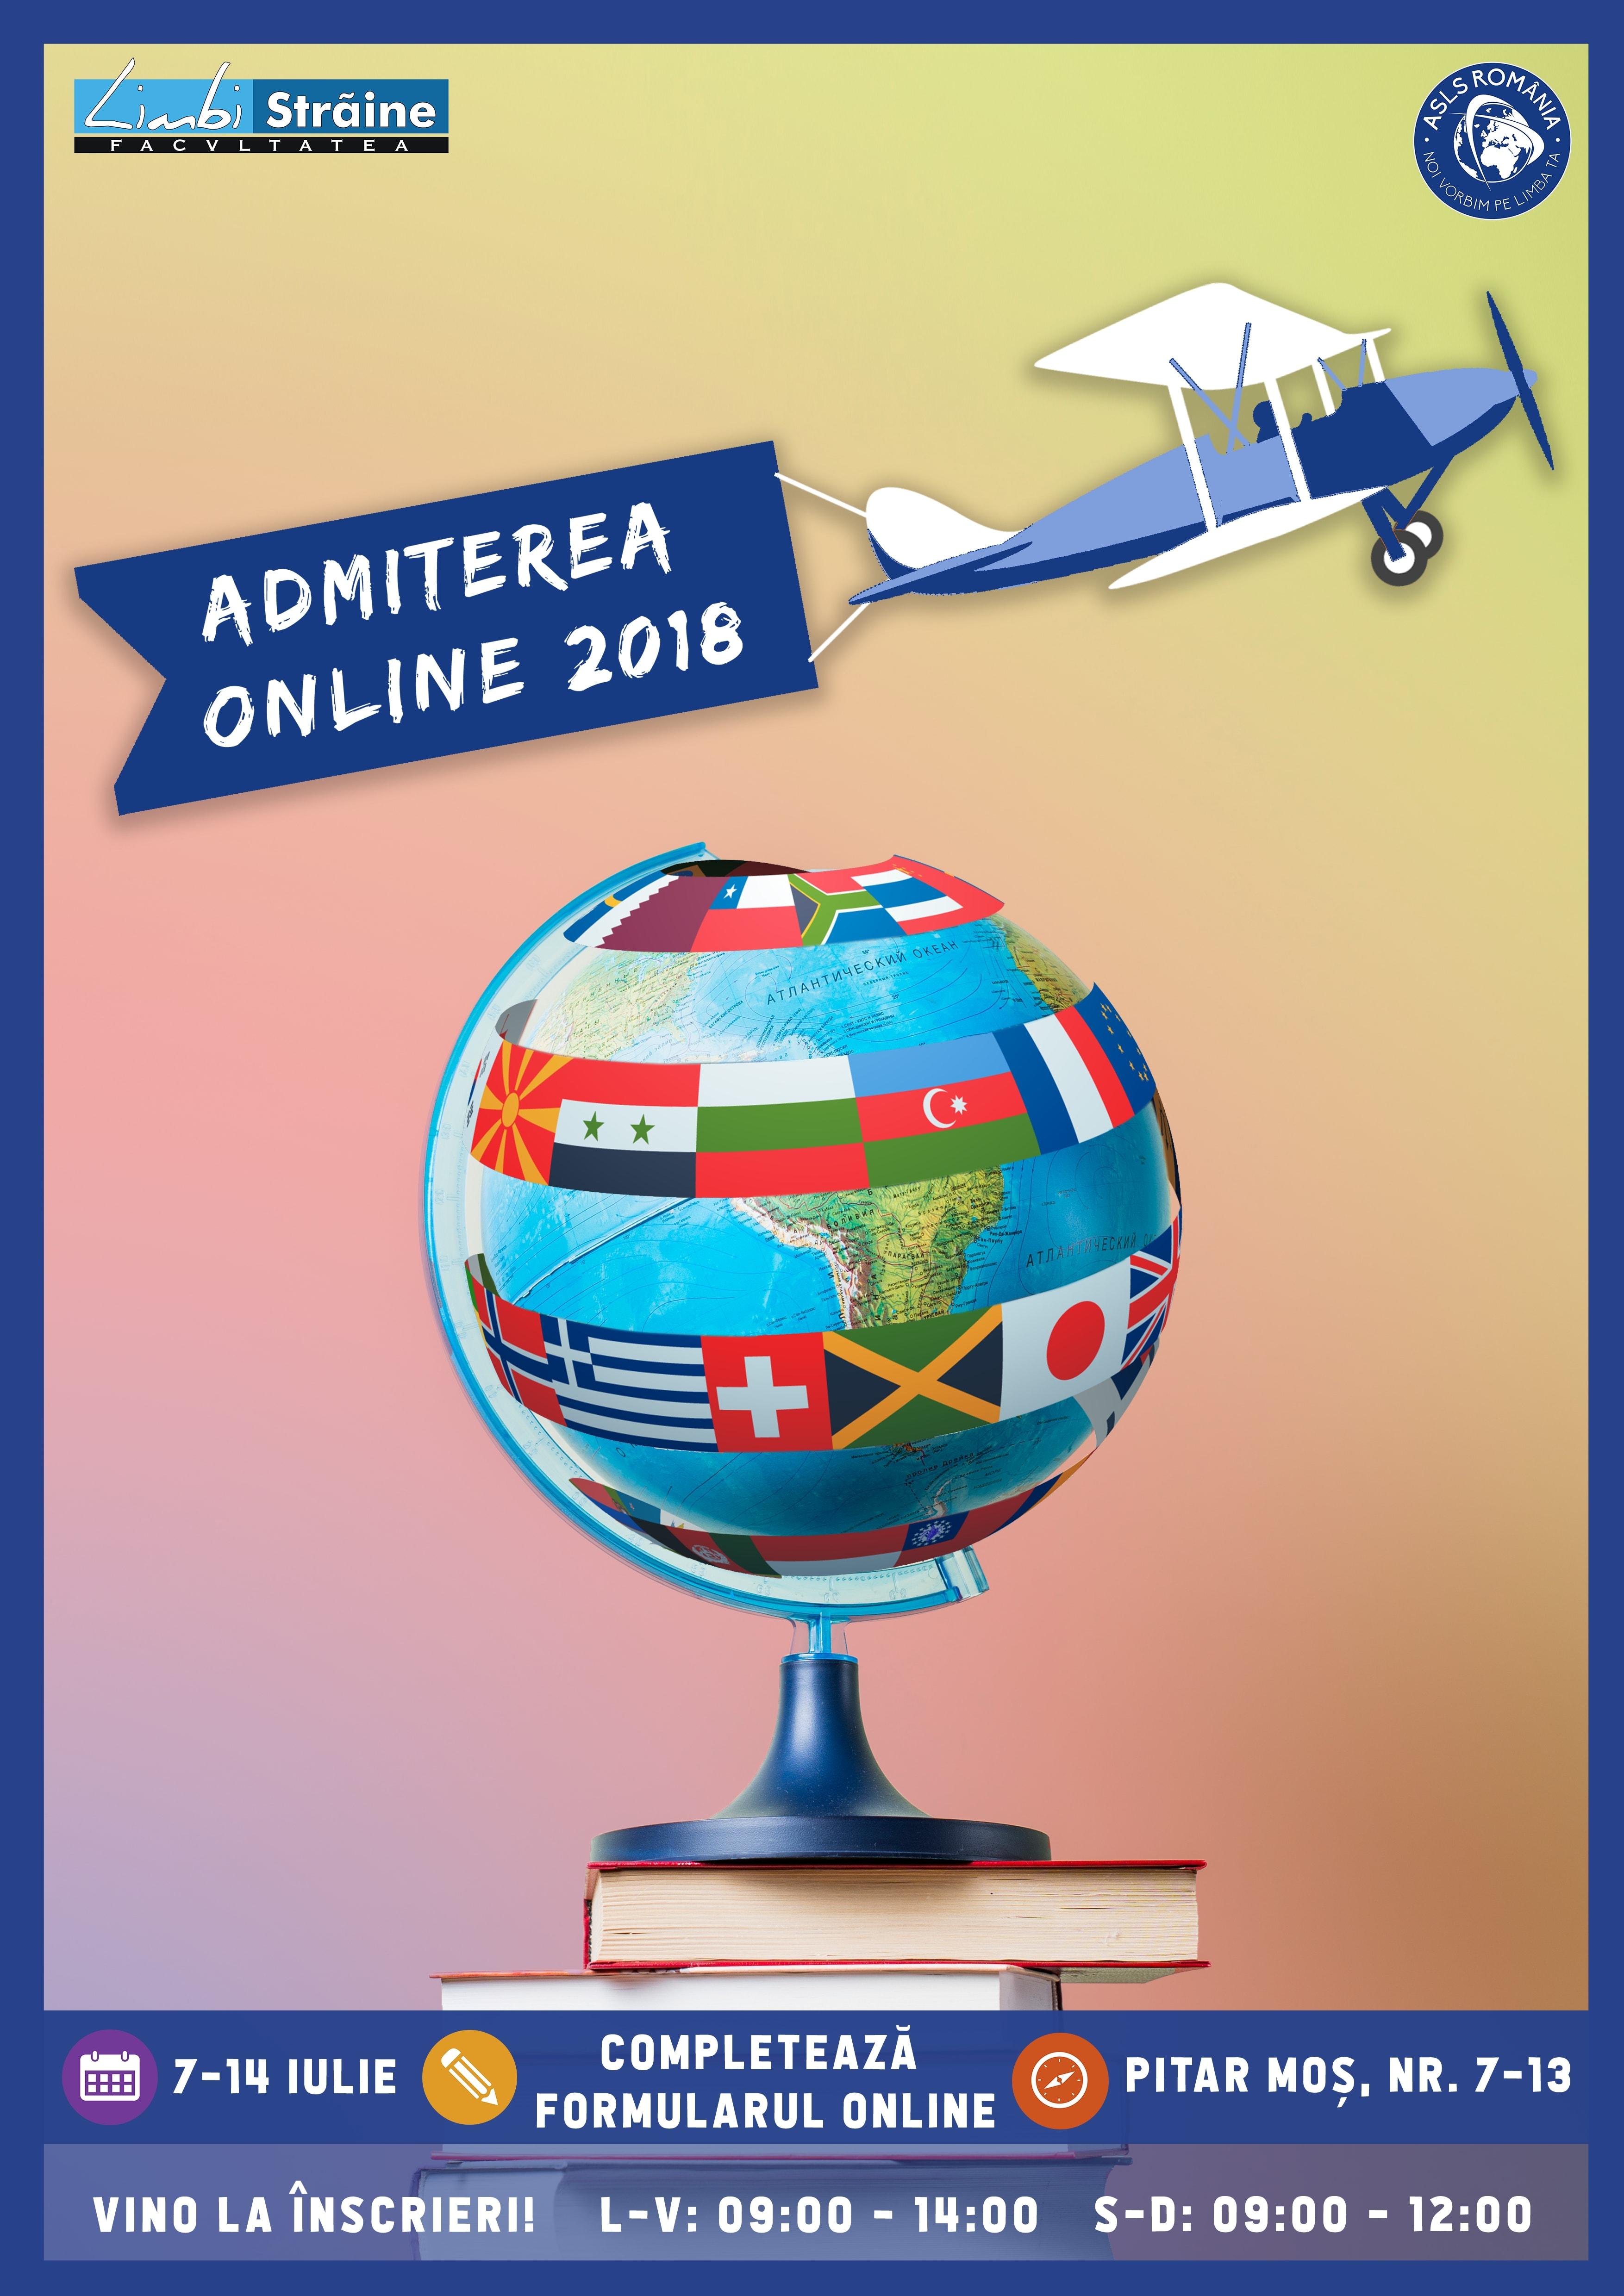 Admiterea Online 2018